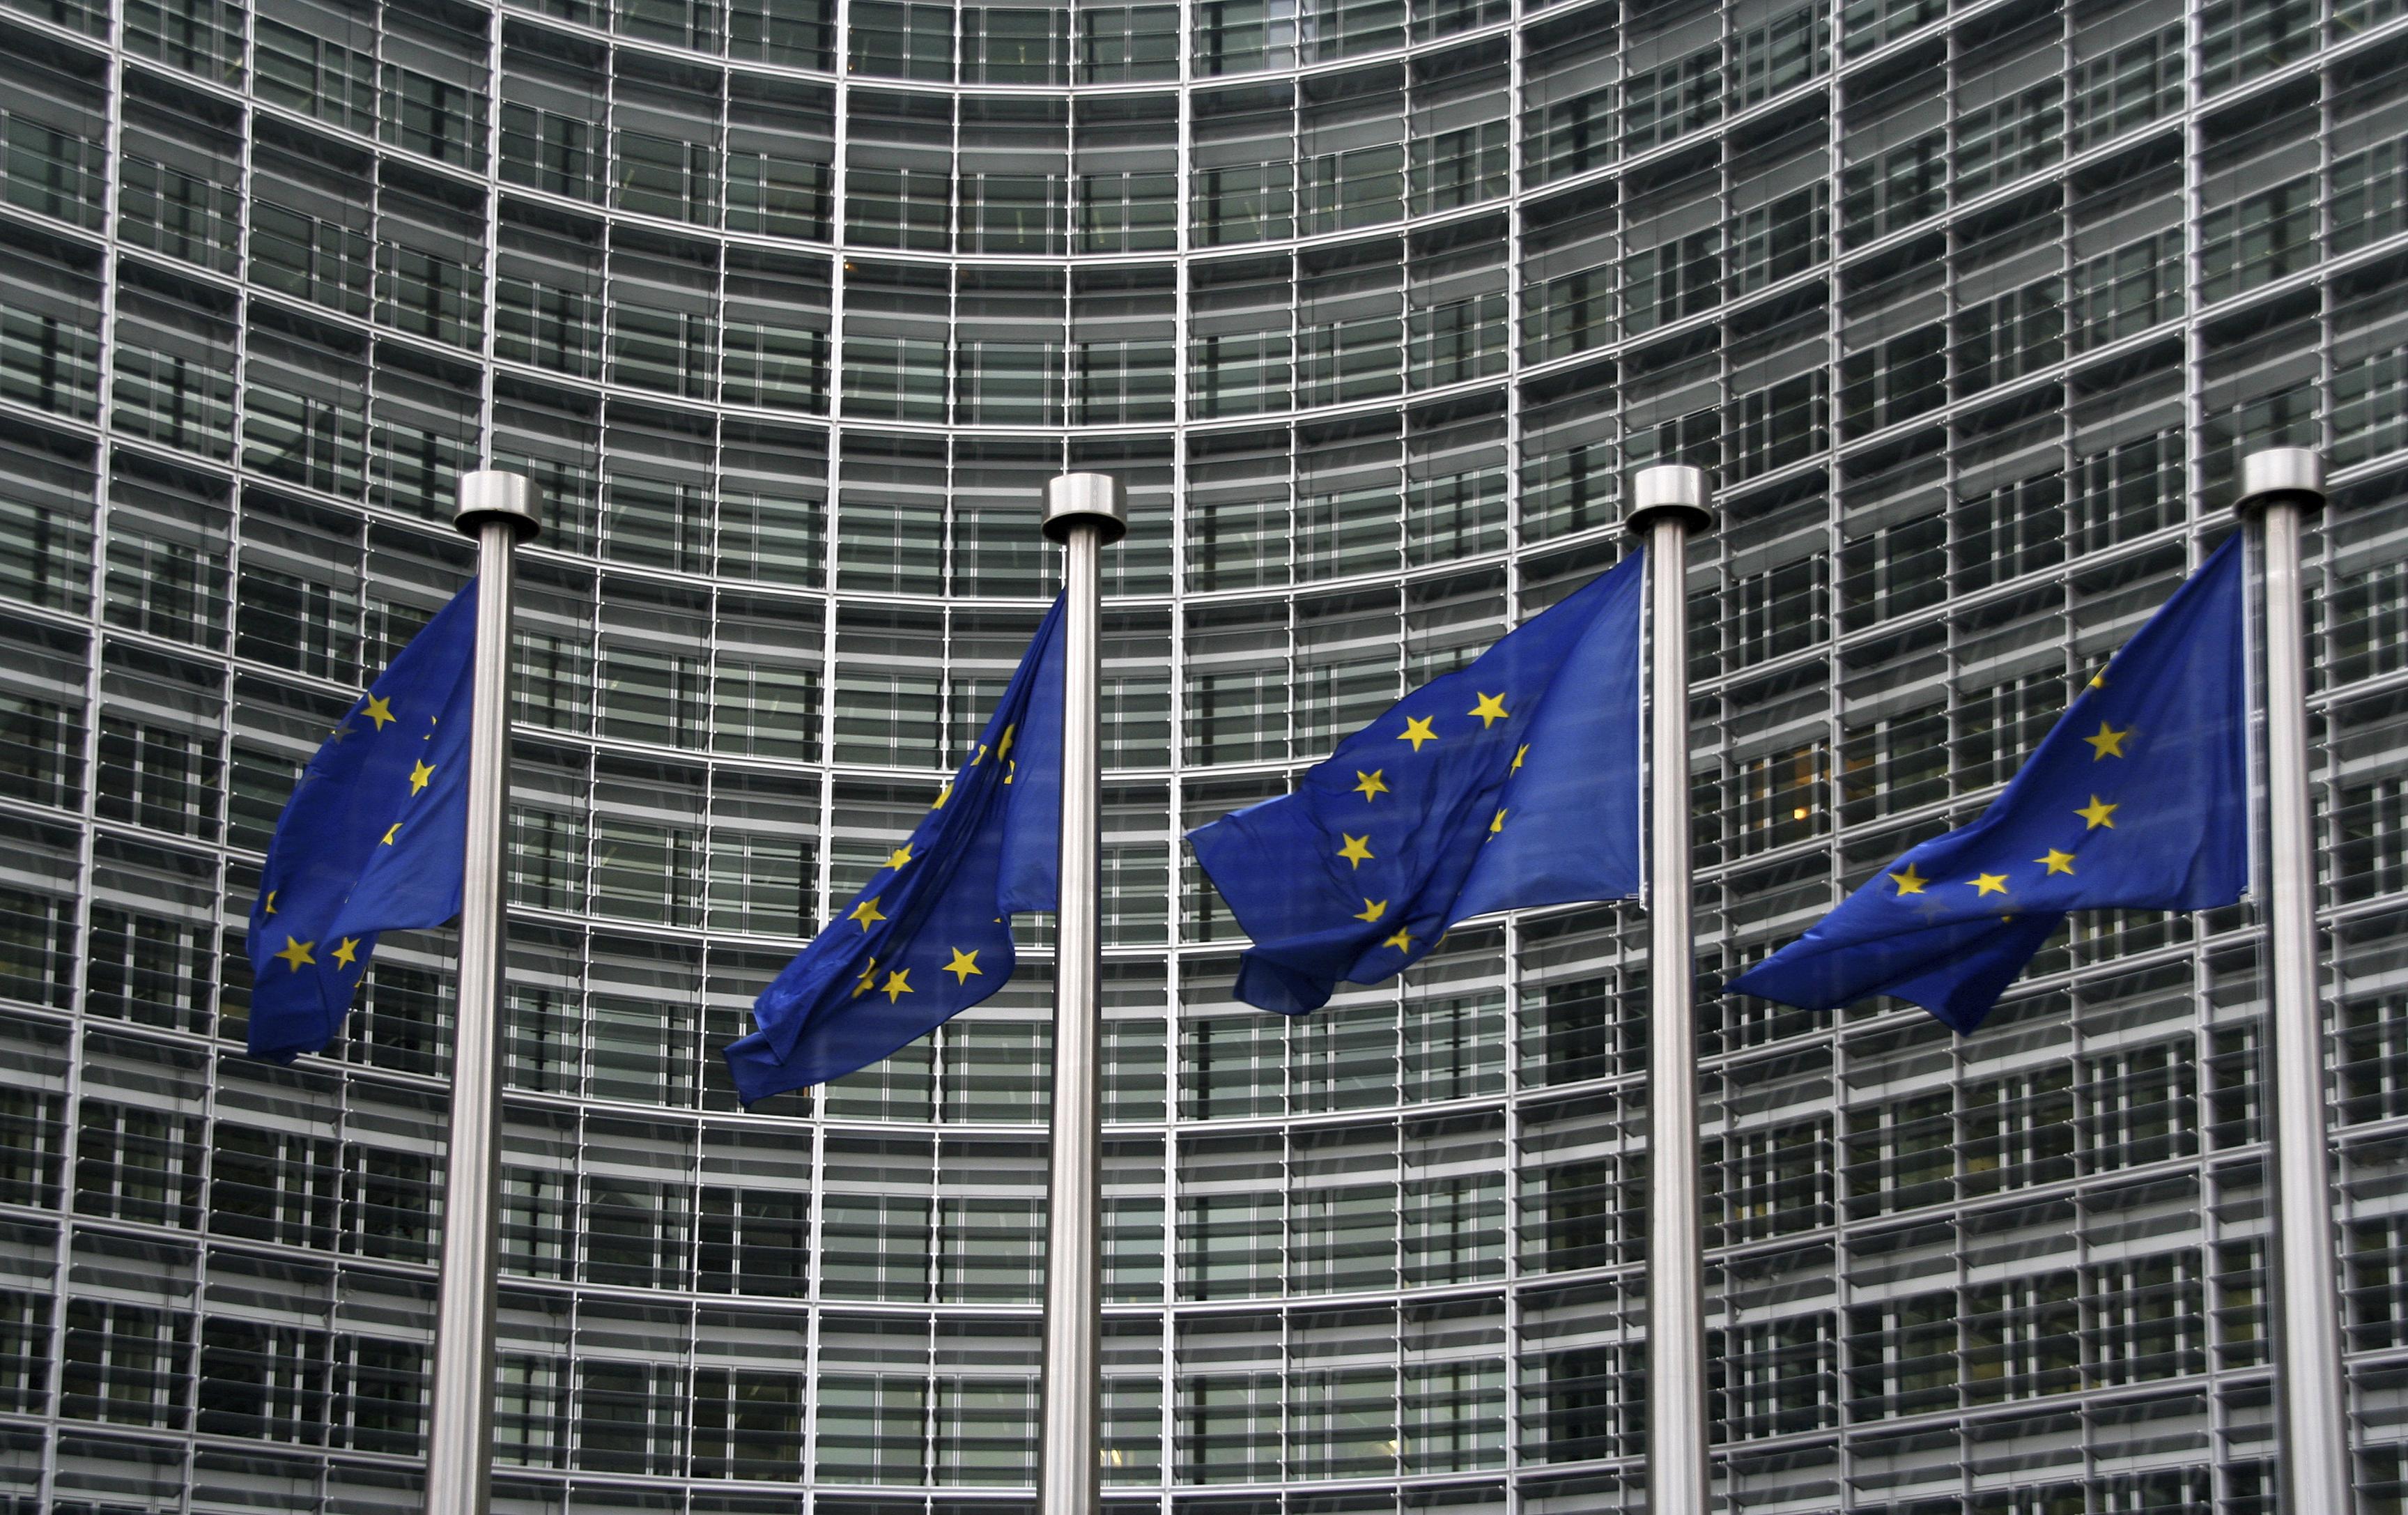 Dans une récente décision du 5 juillet 2012, la Cour de Justice de l'Union Européenne a condamné la pratique consistant à renvoyer, via un lien hypertexte, vers une page présentant les conditions générales de vente du site marchand (CJUE, 5 juillet 2012, aff. C-49/11, Content Services c/ Bundersarbeitskammer).